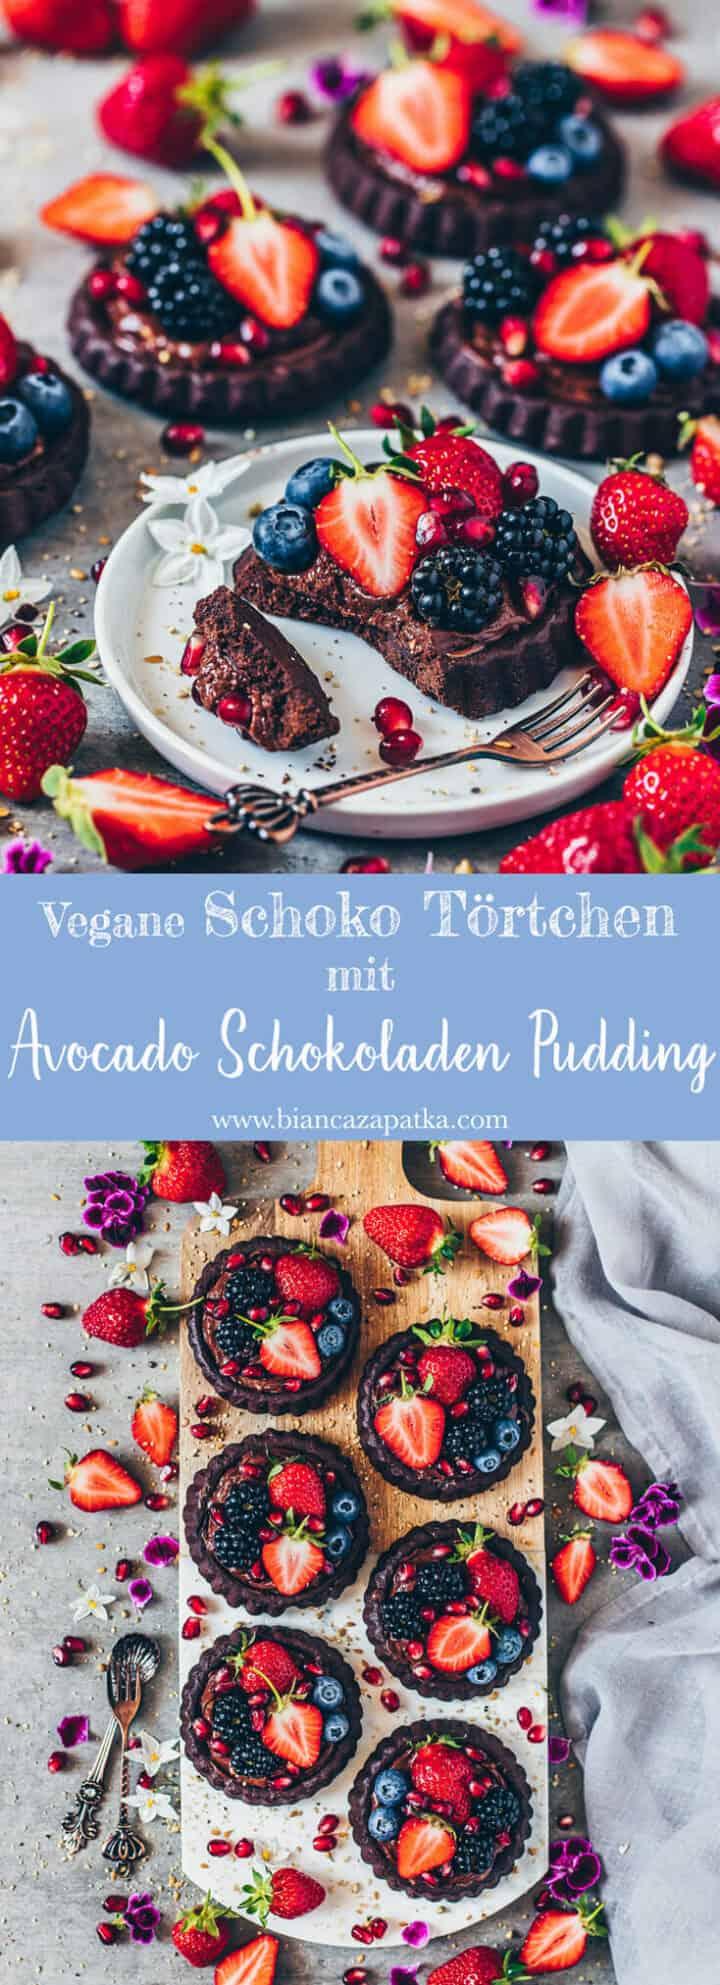 Einfache vegane Schoko-Törtchen mit cremigen & gesundem Avocado-Schokoladen-Pudding und frischen Beeren. Ein perfektes Rezept für alle Schoko- und Beeren Liebhaber. Vor allem, wenn die Tartelettes frisch gekühlt aus dem Kühlschrank kommen, ist es ein tolles Sommer-Dessert.